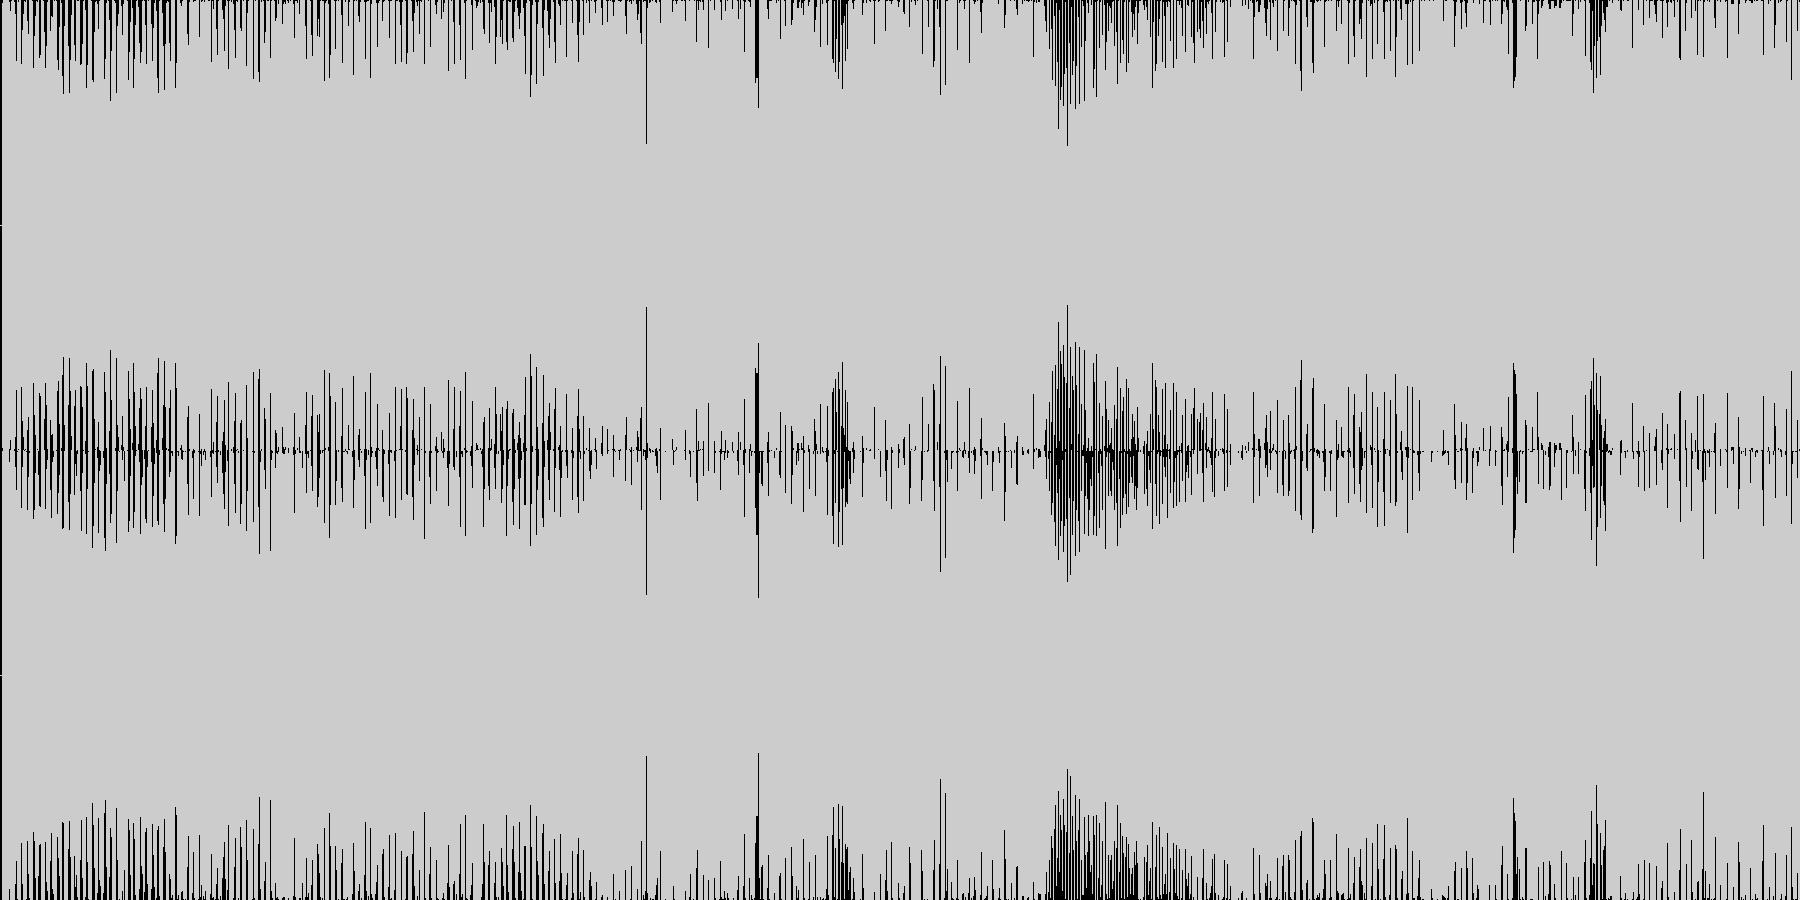 白熱の競争オープニング激しさLOOPの未再生の波形